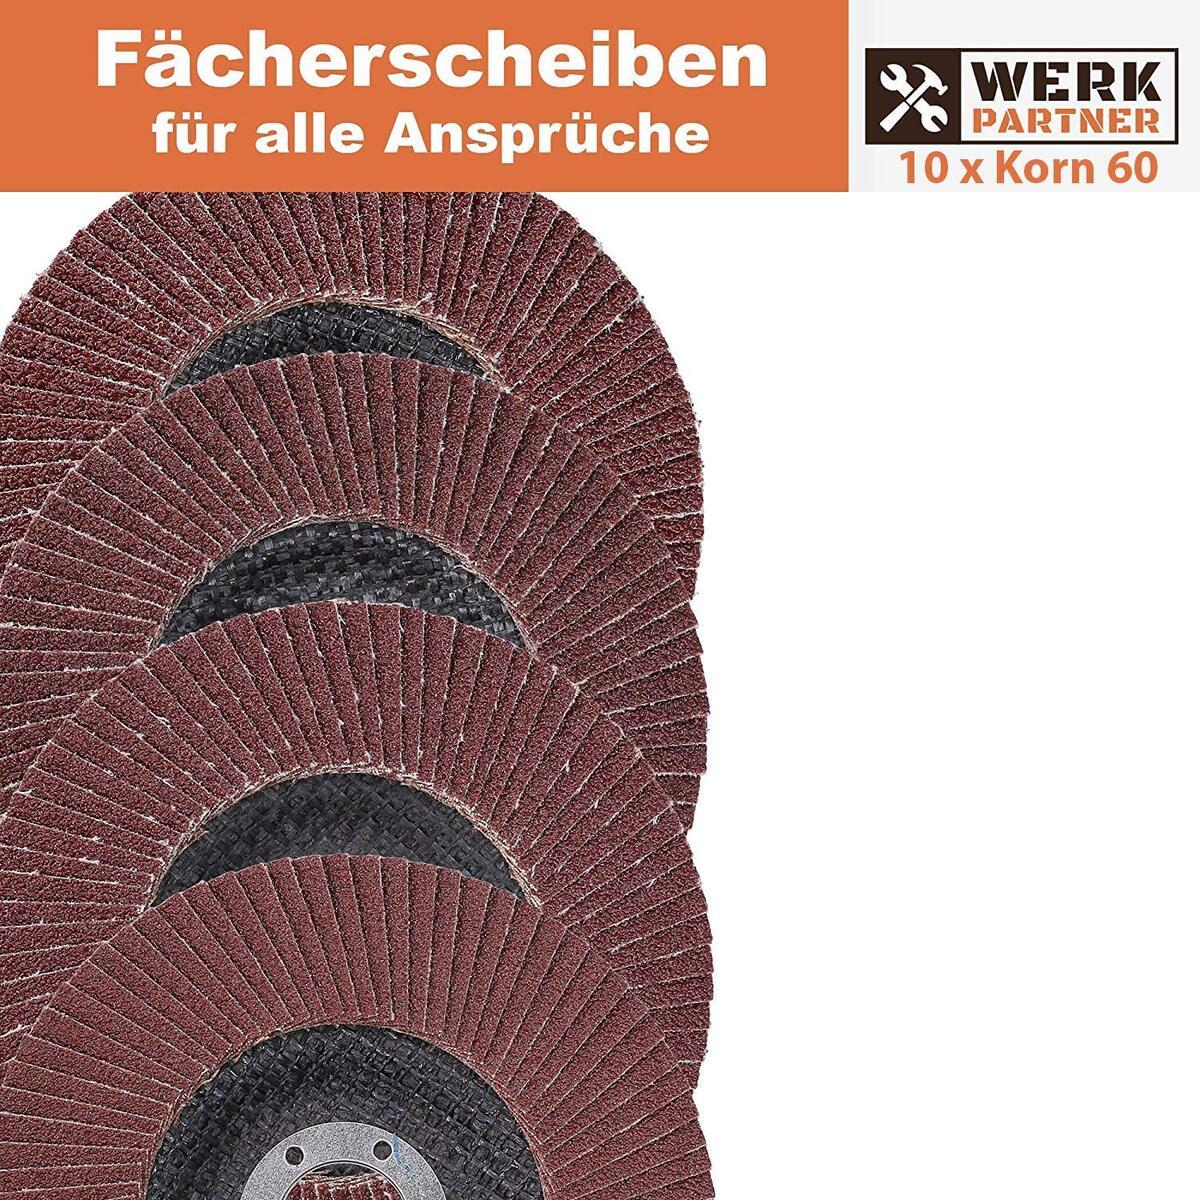 Bild 4 von Werk-Partner Premium Schleifscheiben Set - 10 x Fächerscheibe 125 mm Ø - Körnung 60 für Metall, Stahl & Holz - Fächerschleifscheibe für Winkelschleifer/Flex